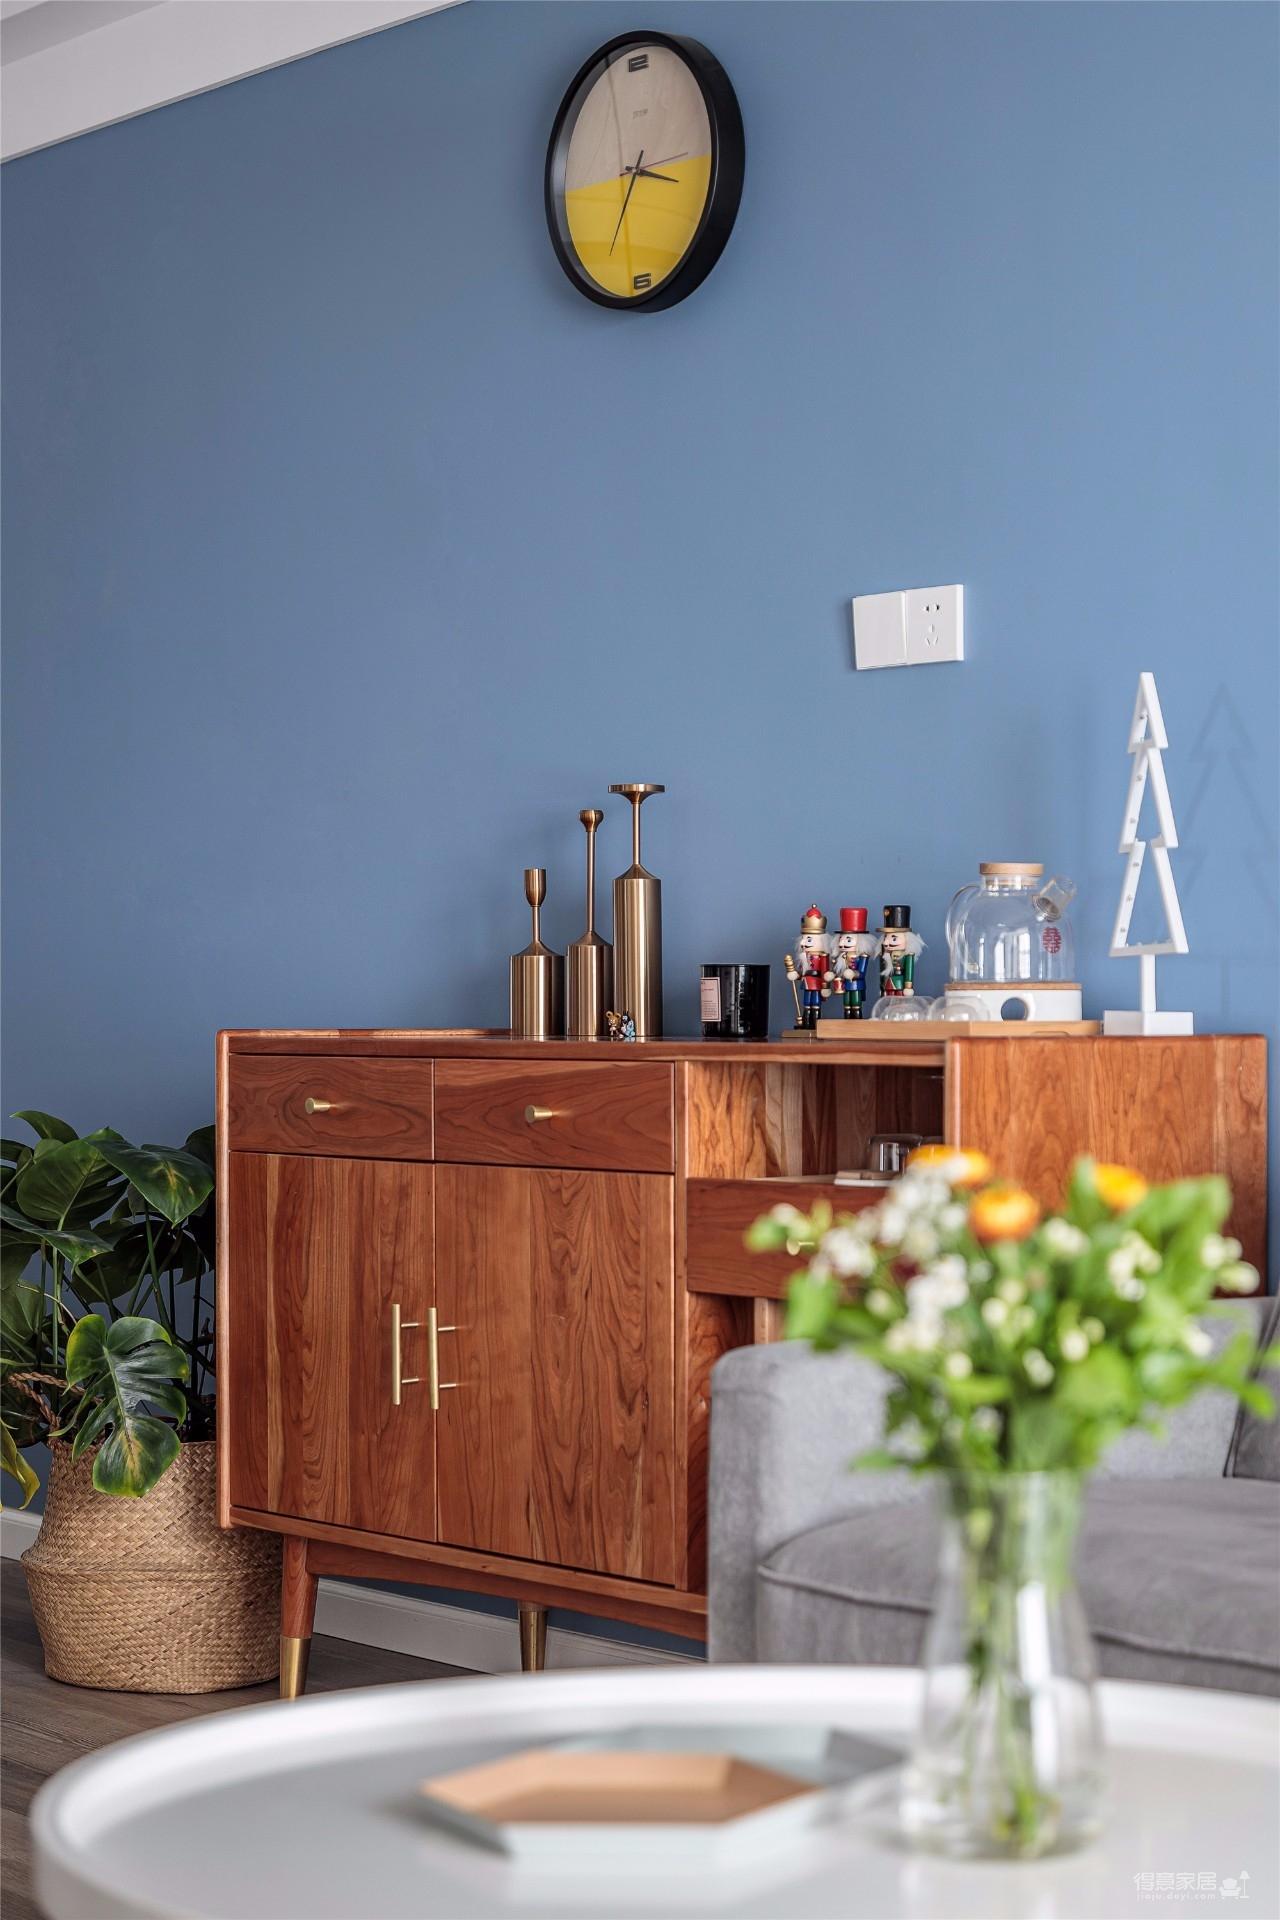 130㎡舒适北欧风格装修,生活就是简单随性!图_6